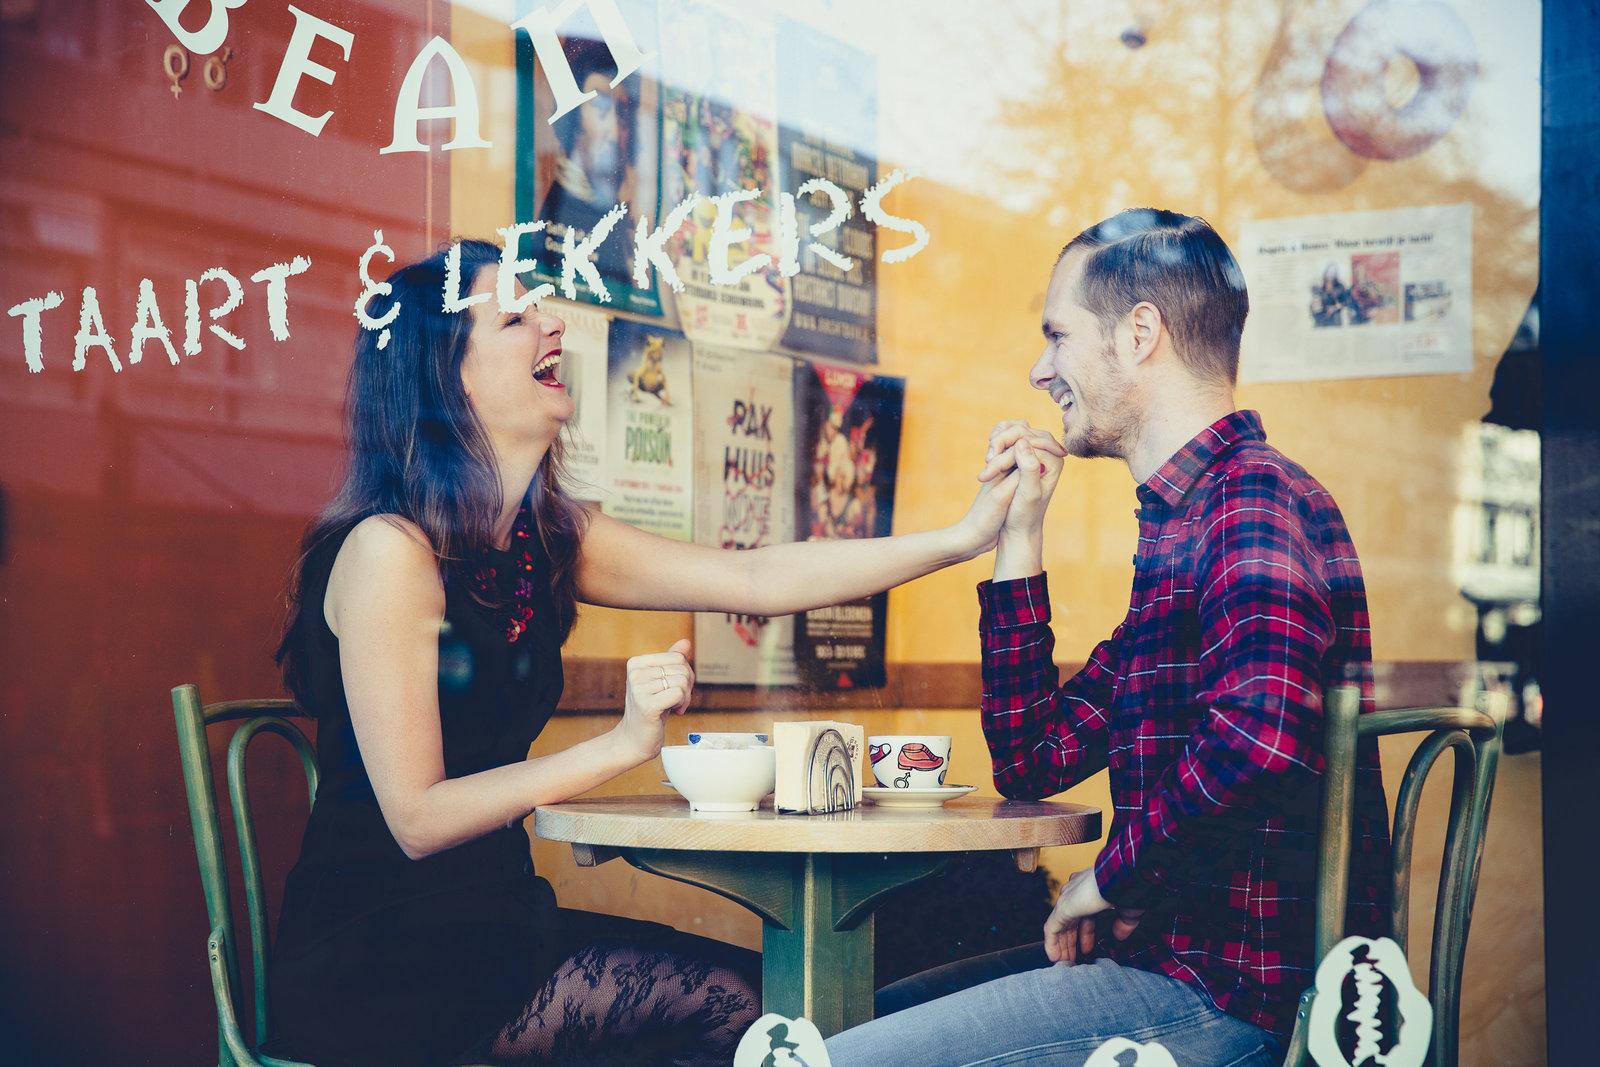 Loveshoot door het raam. Vriend met geruit overhemd laat zijn vriendin lachen. Copyright Nanda Zee-Fritse | FOTOZEE